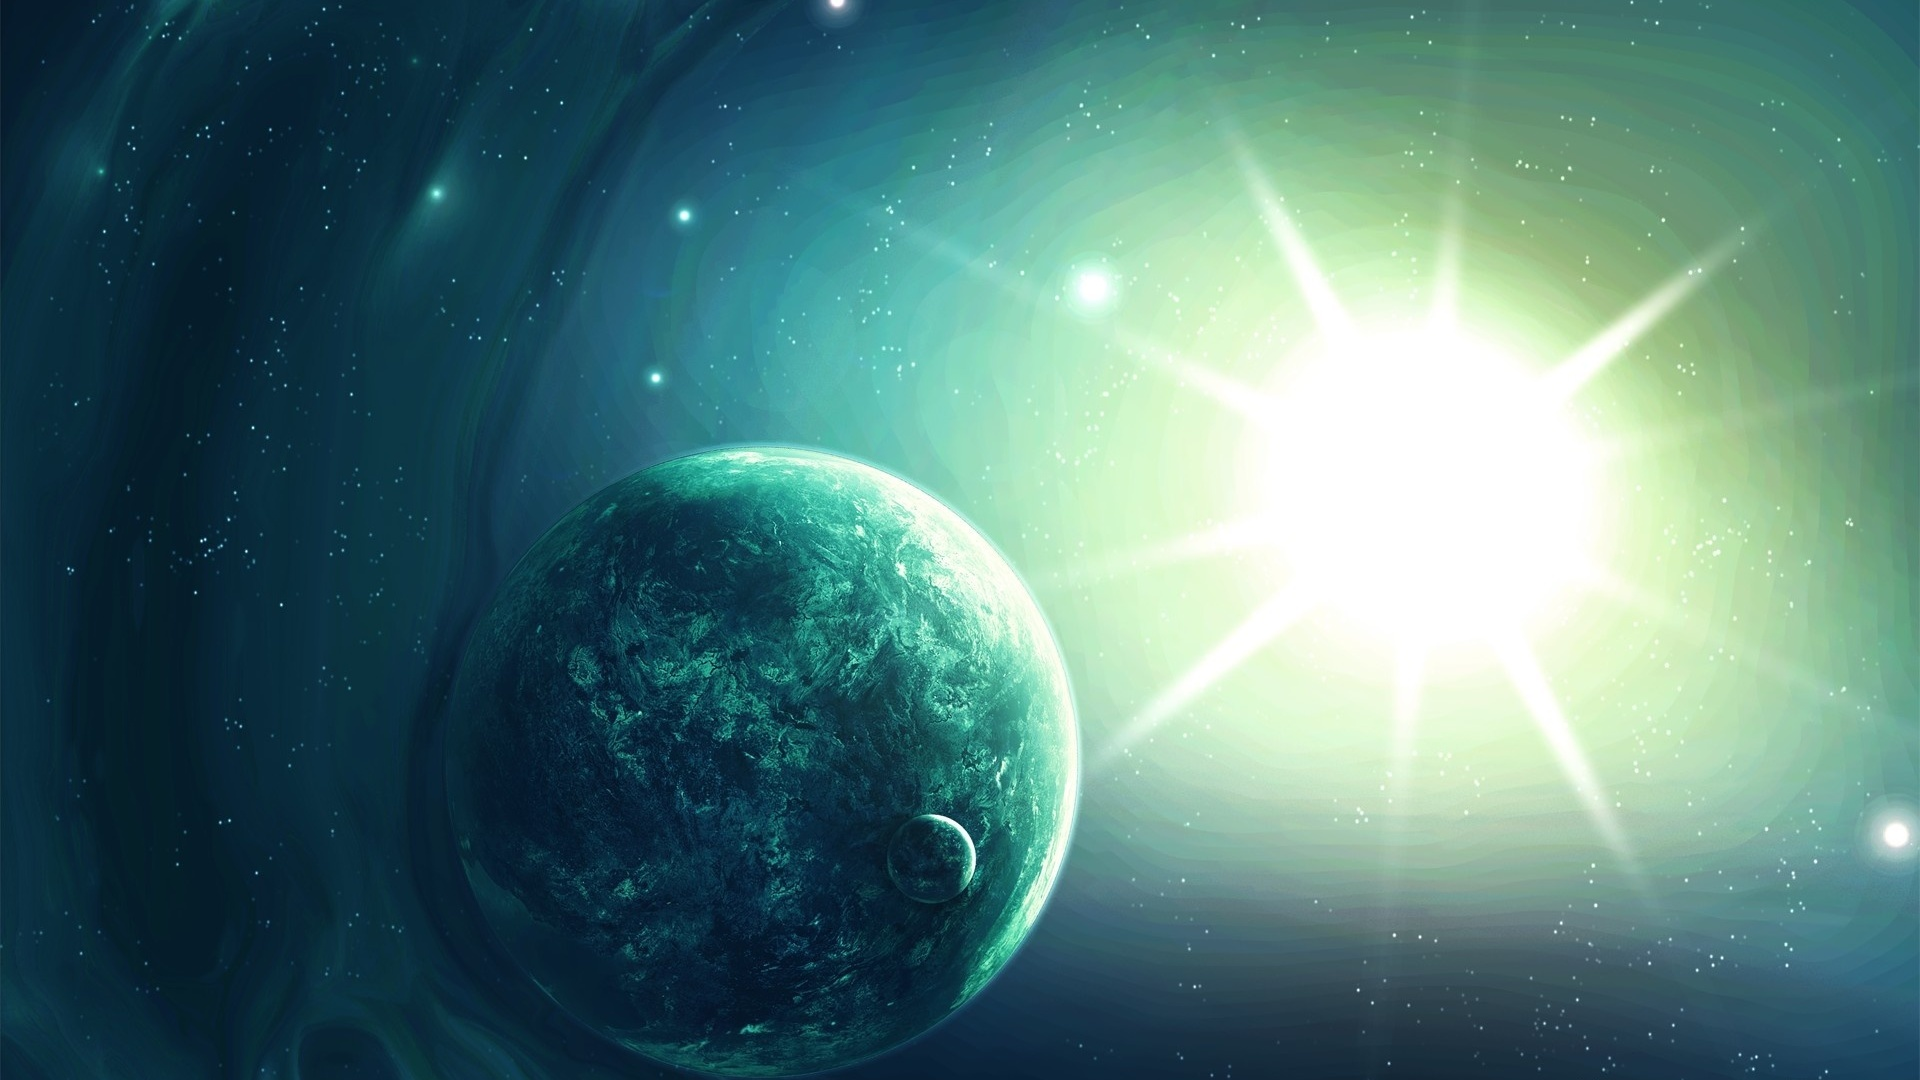 Обои Свечение за планетами картинки на рабочий стол на тему Космос - скачать  № 1772809 бесплатно